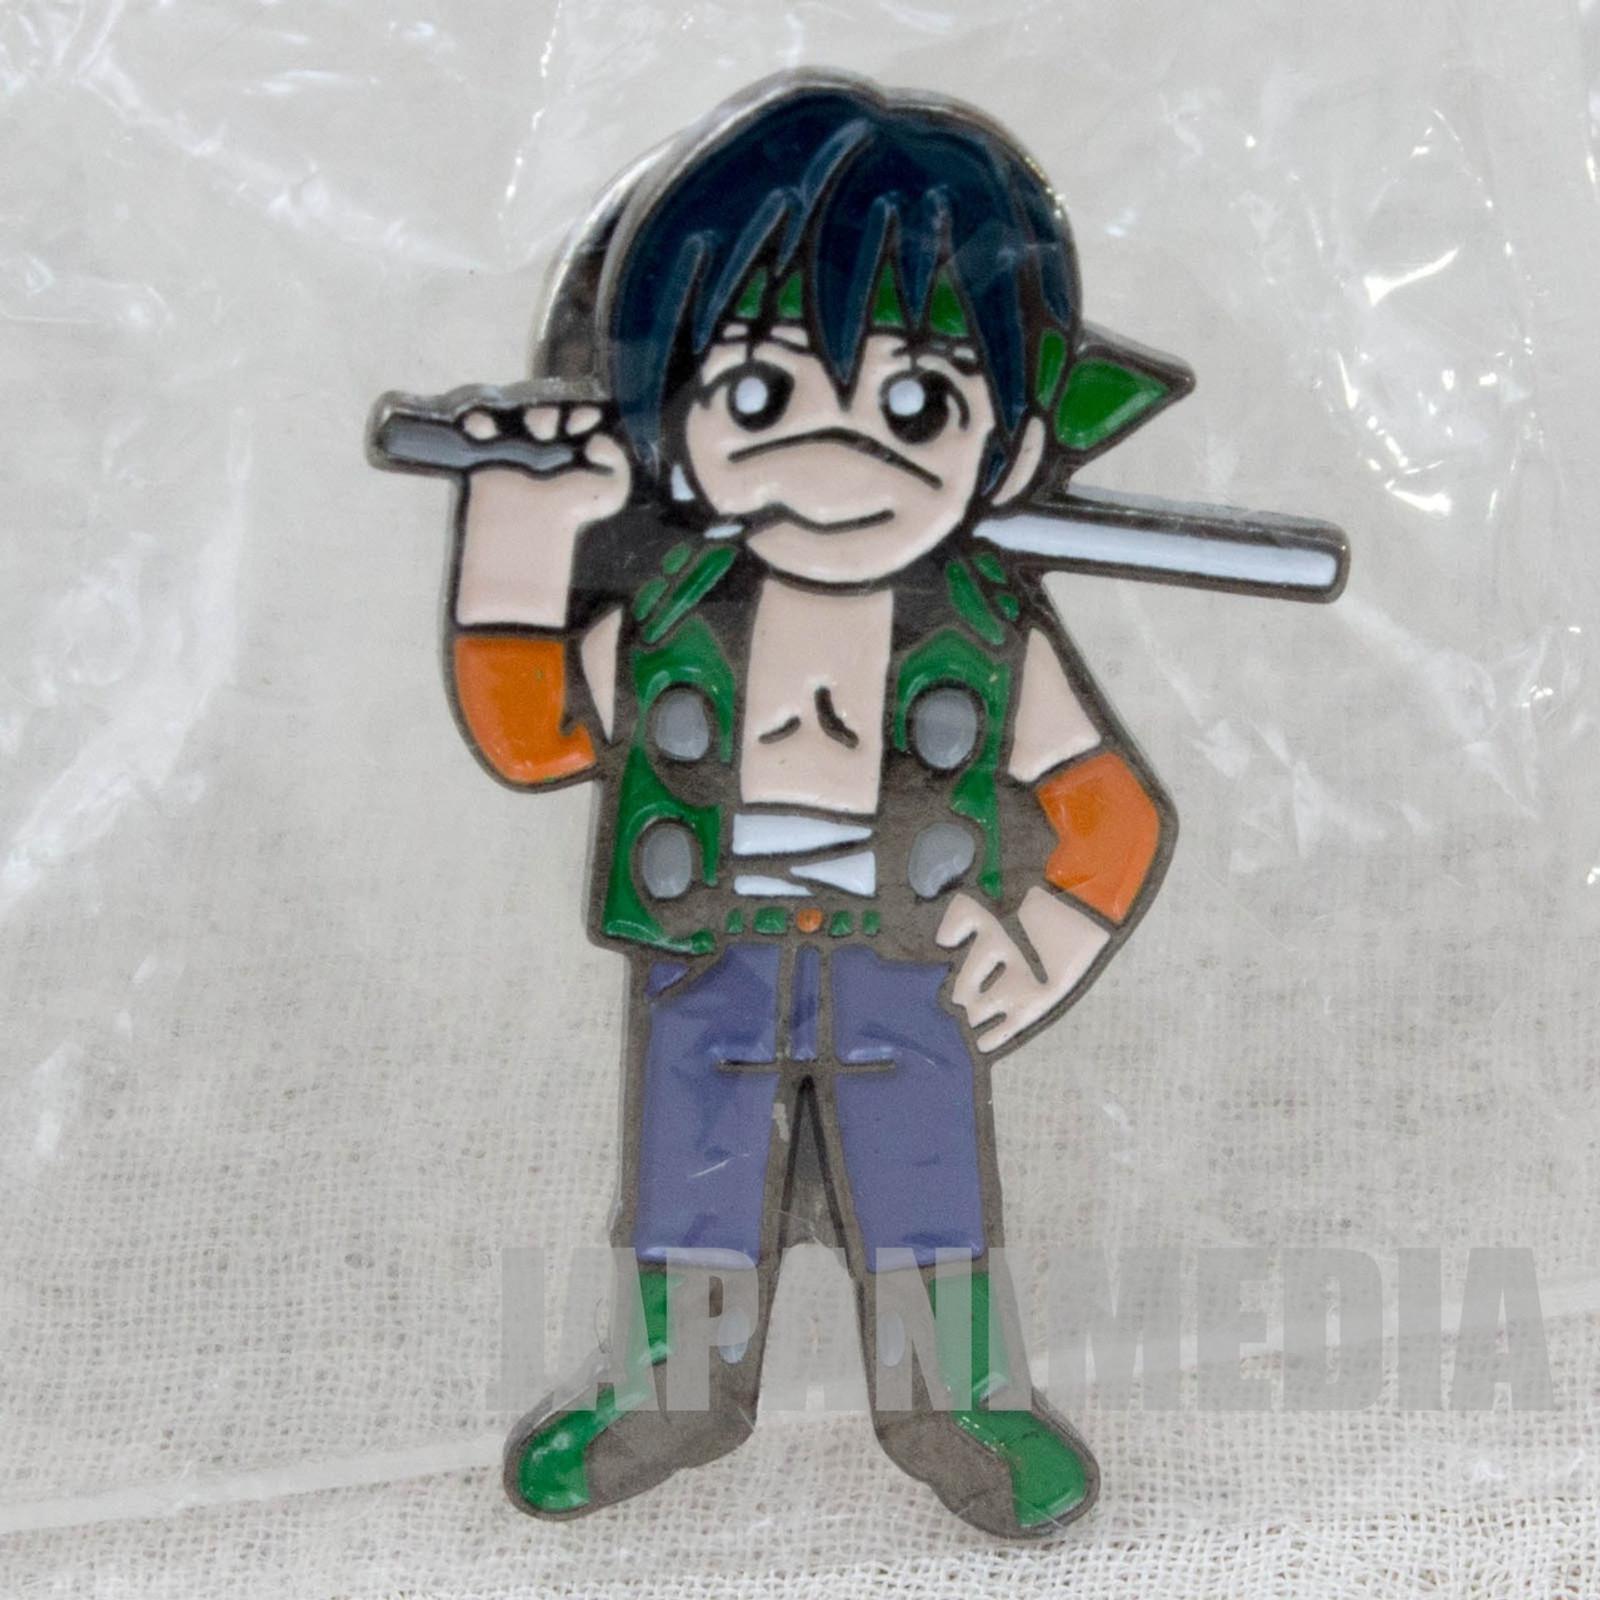 Senkaiden Hoshin Engi Kou Tenka Mini Metal Pins Badge JAPAN ANIME MANGA